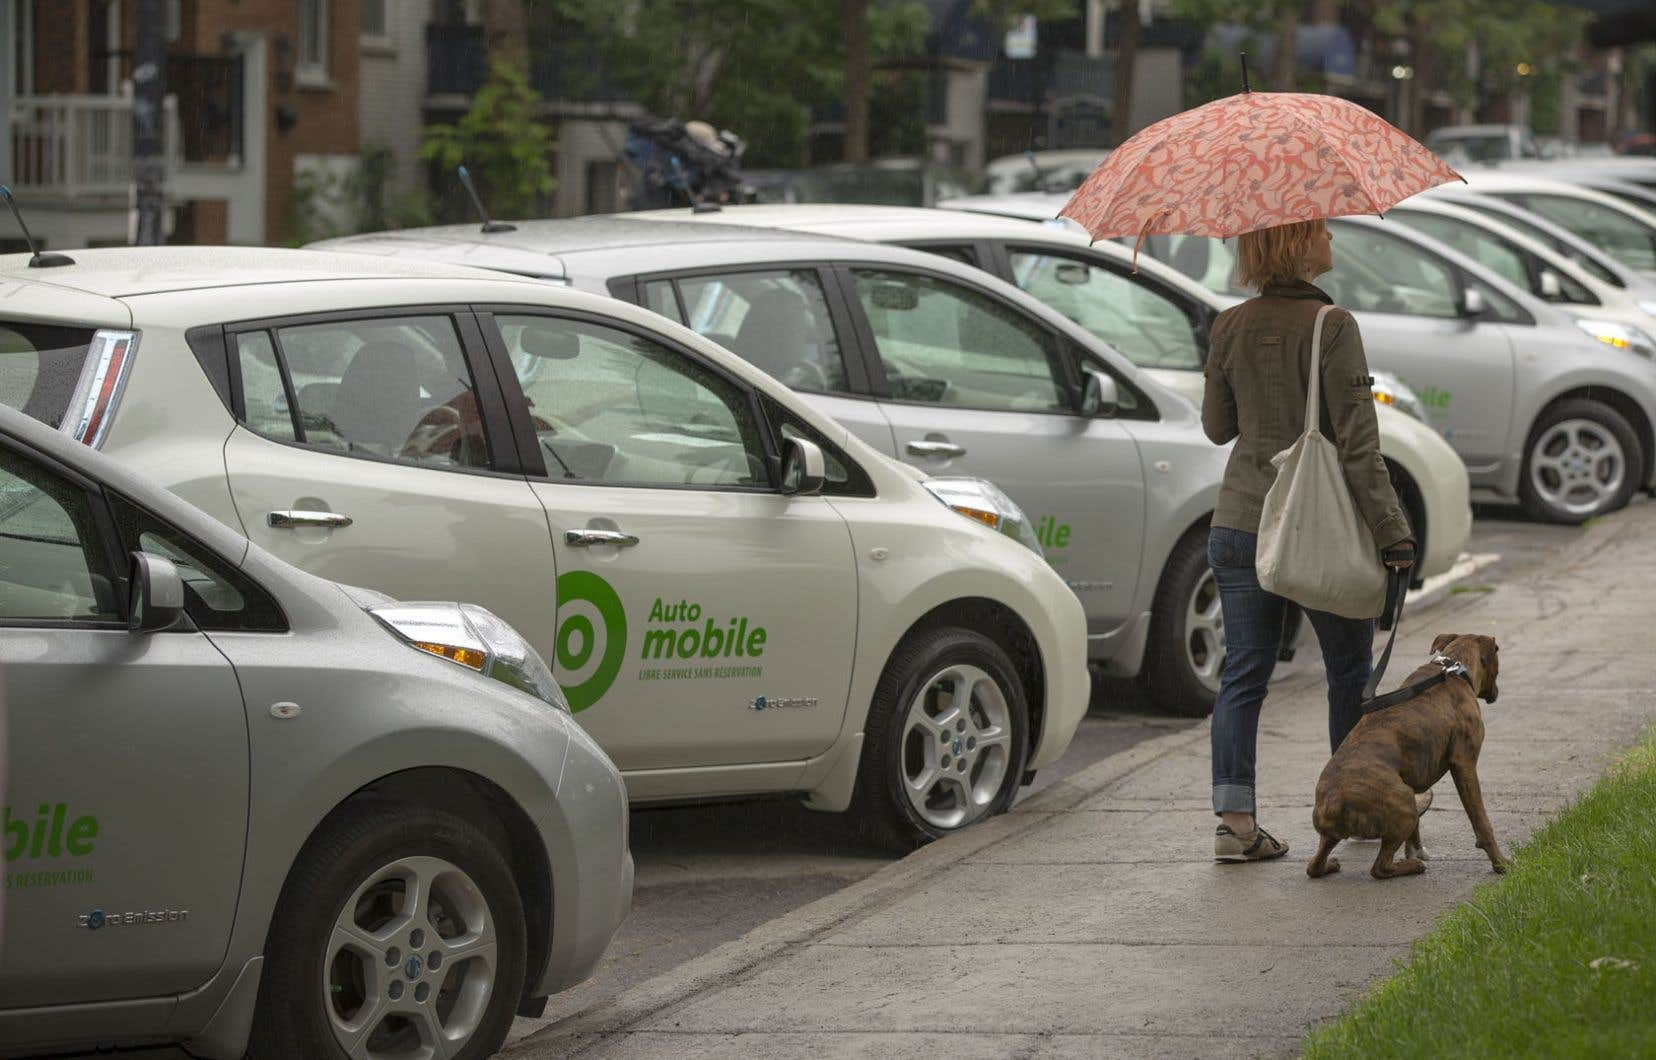 Les réticences du maire Coderre ont peut-être freiné l'expansion du service à Montréal, mais dans les faits, rien n'empêche les arrondissements d'autoriser les voitures en libre-service.